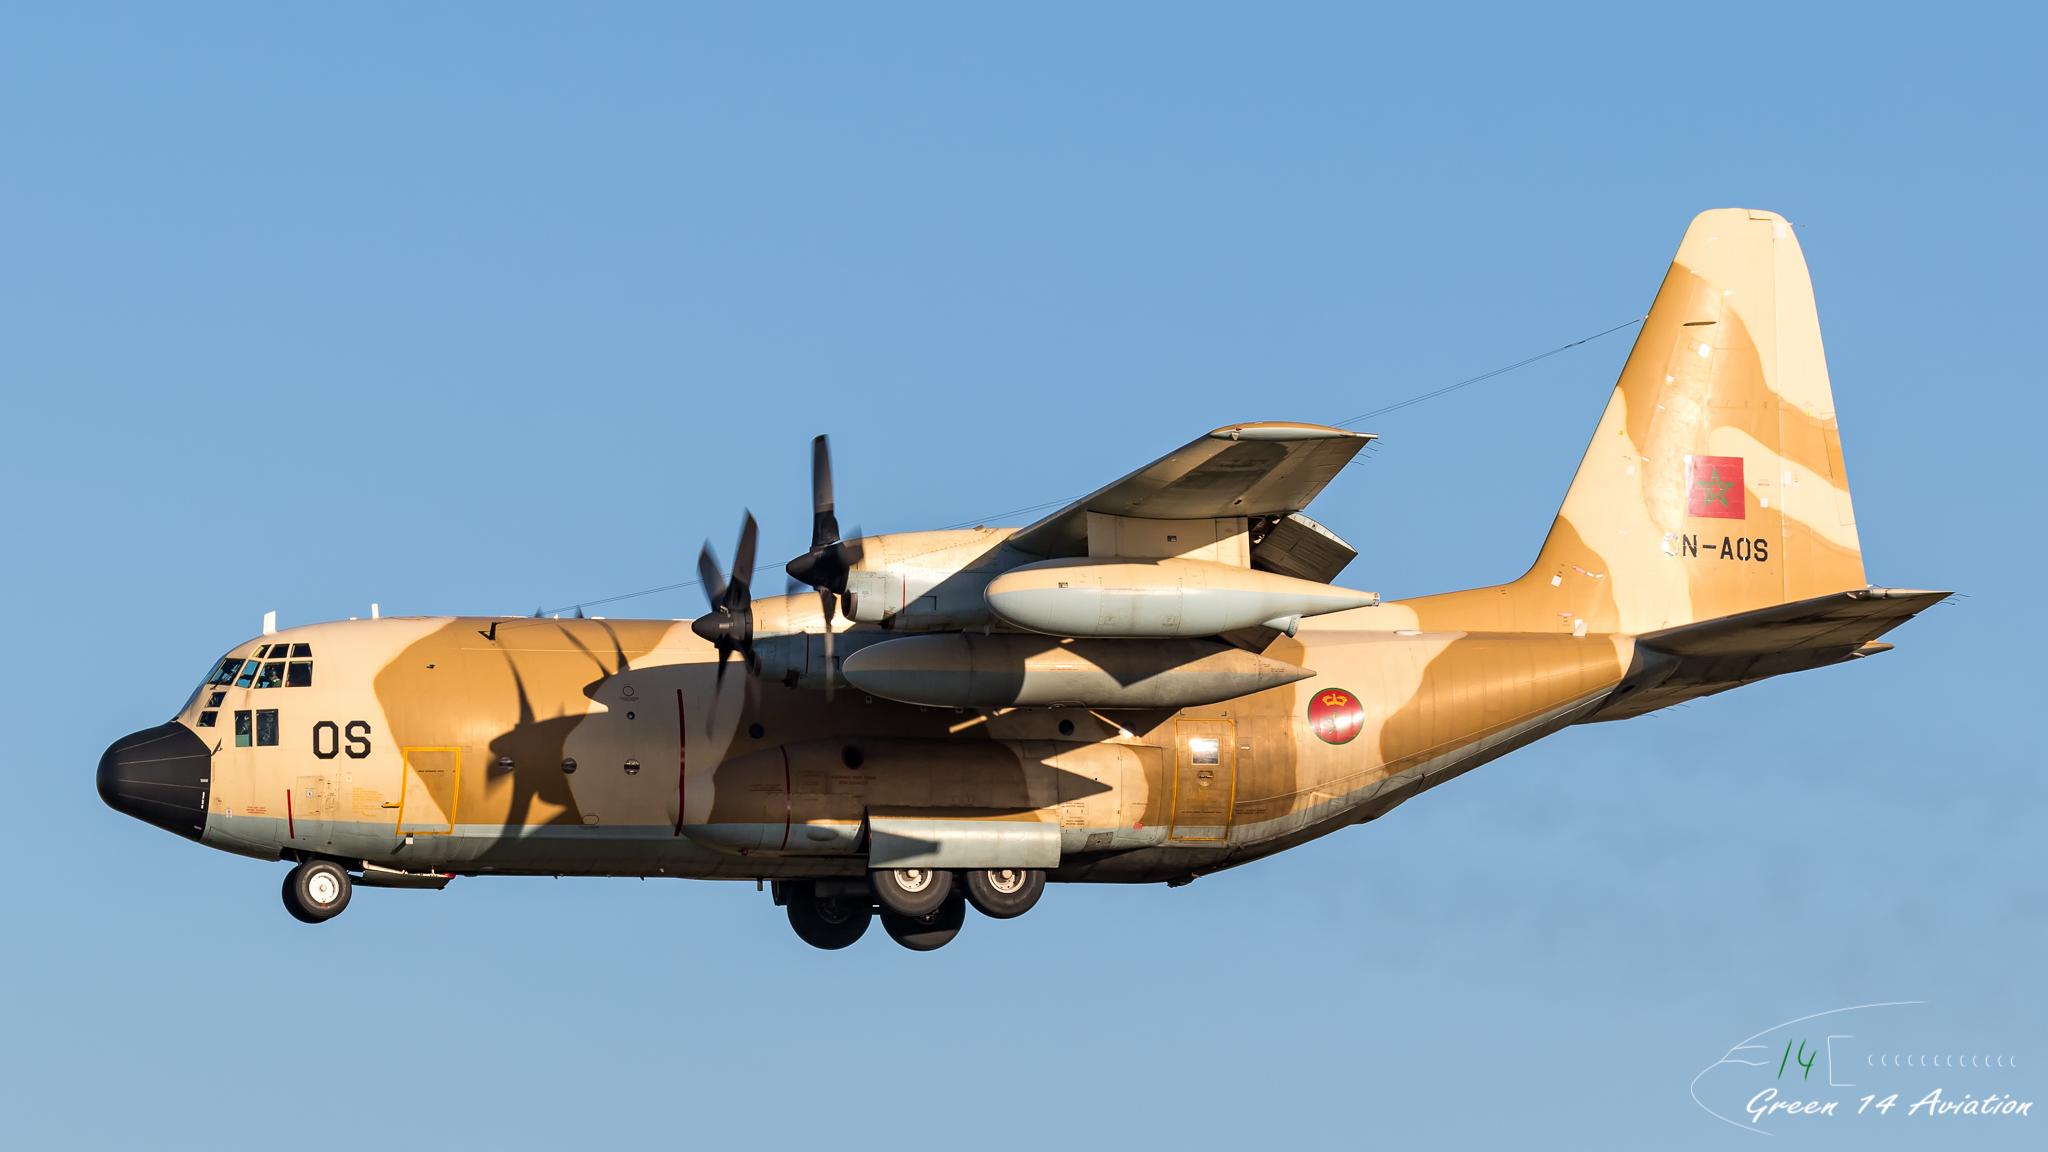 FRA: Photos d'avions de transport - Page 38 47966840991_c1767ce78d_k